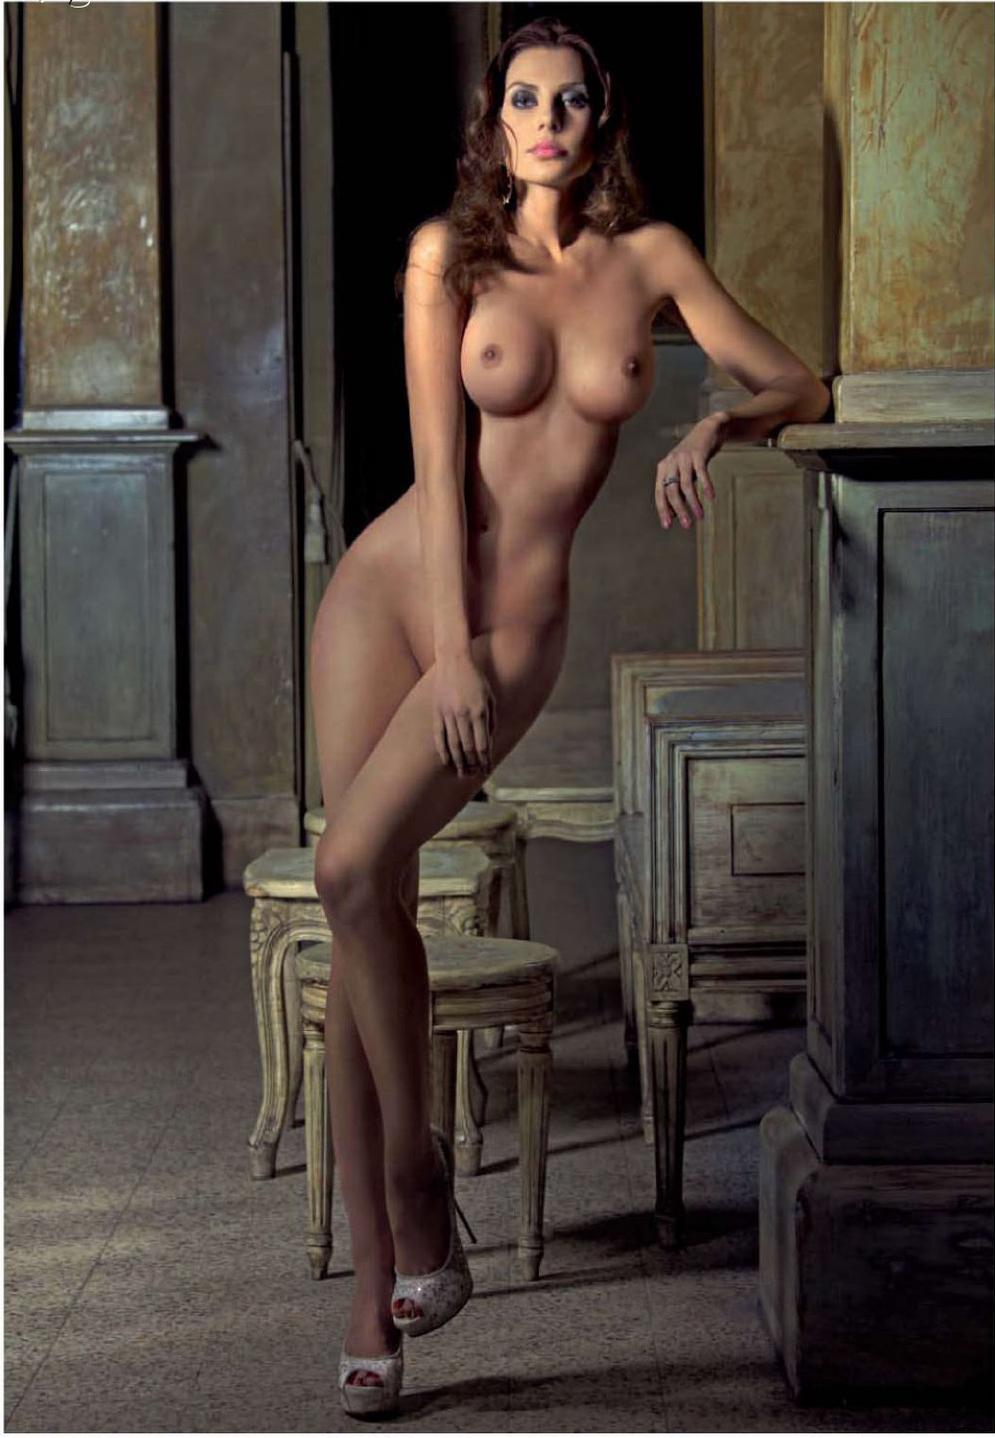 его сторону, красивые голые итальянские девушки английском языке